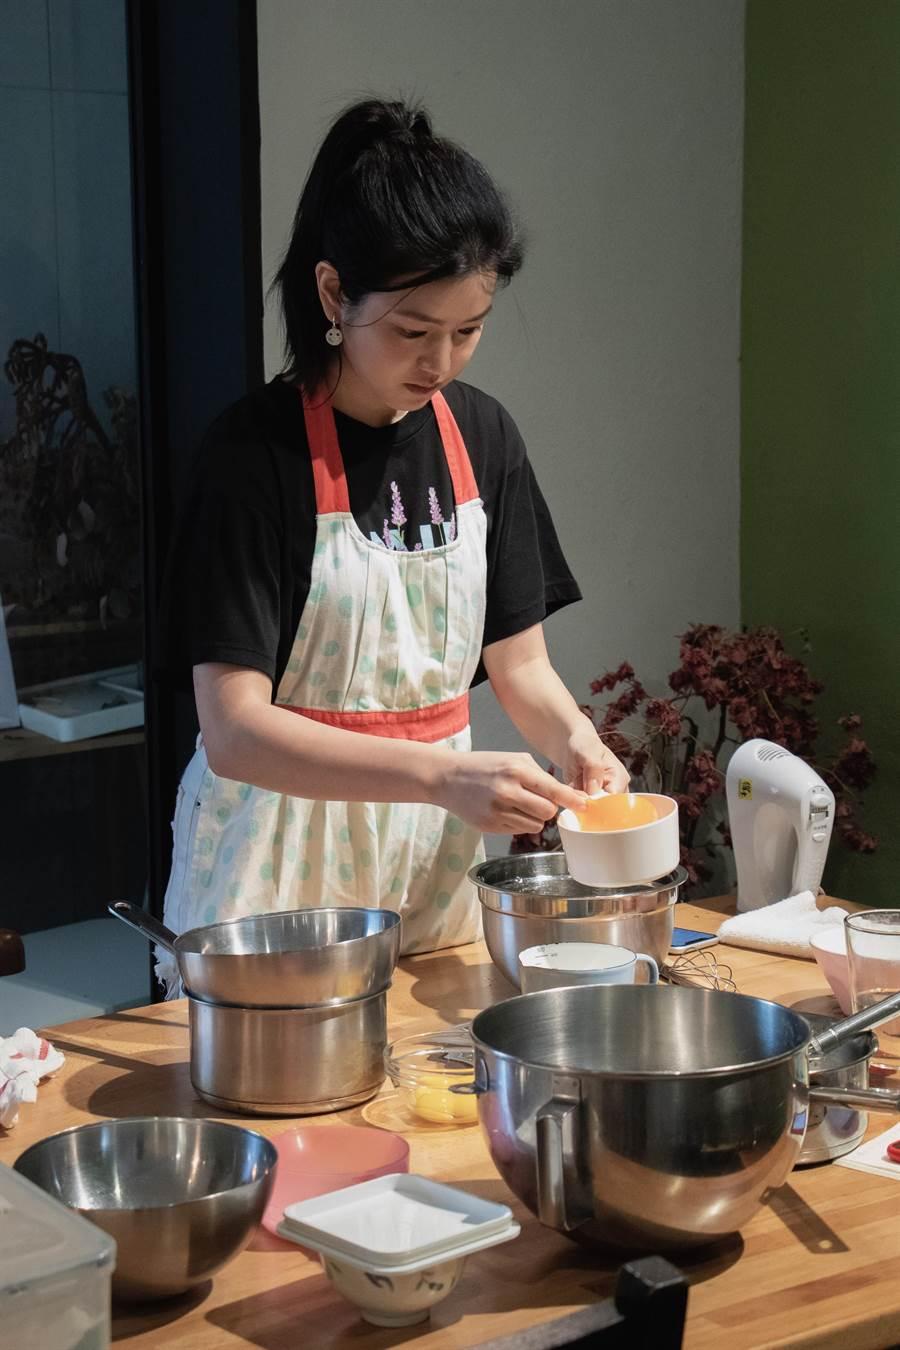 陳研希精進蛋糕烘焙手藝,為加拿大之行做準備。(好好看文創提供)